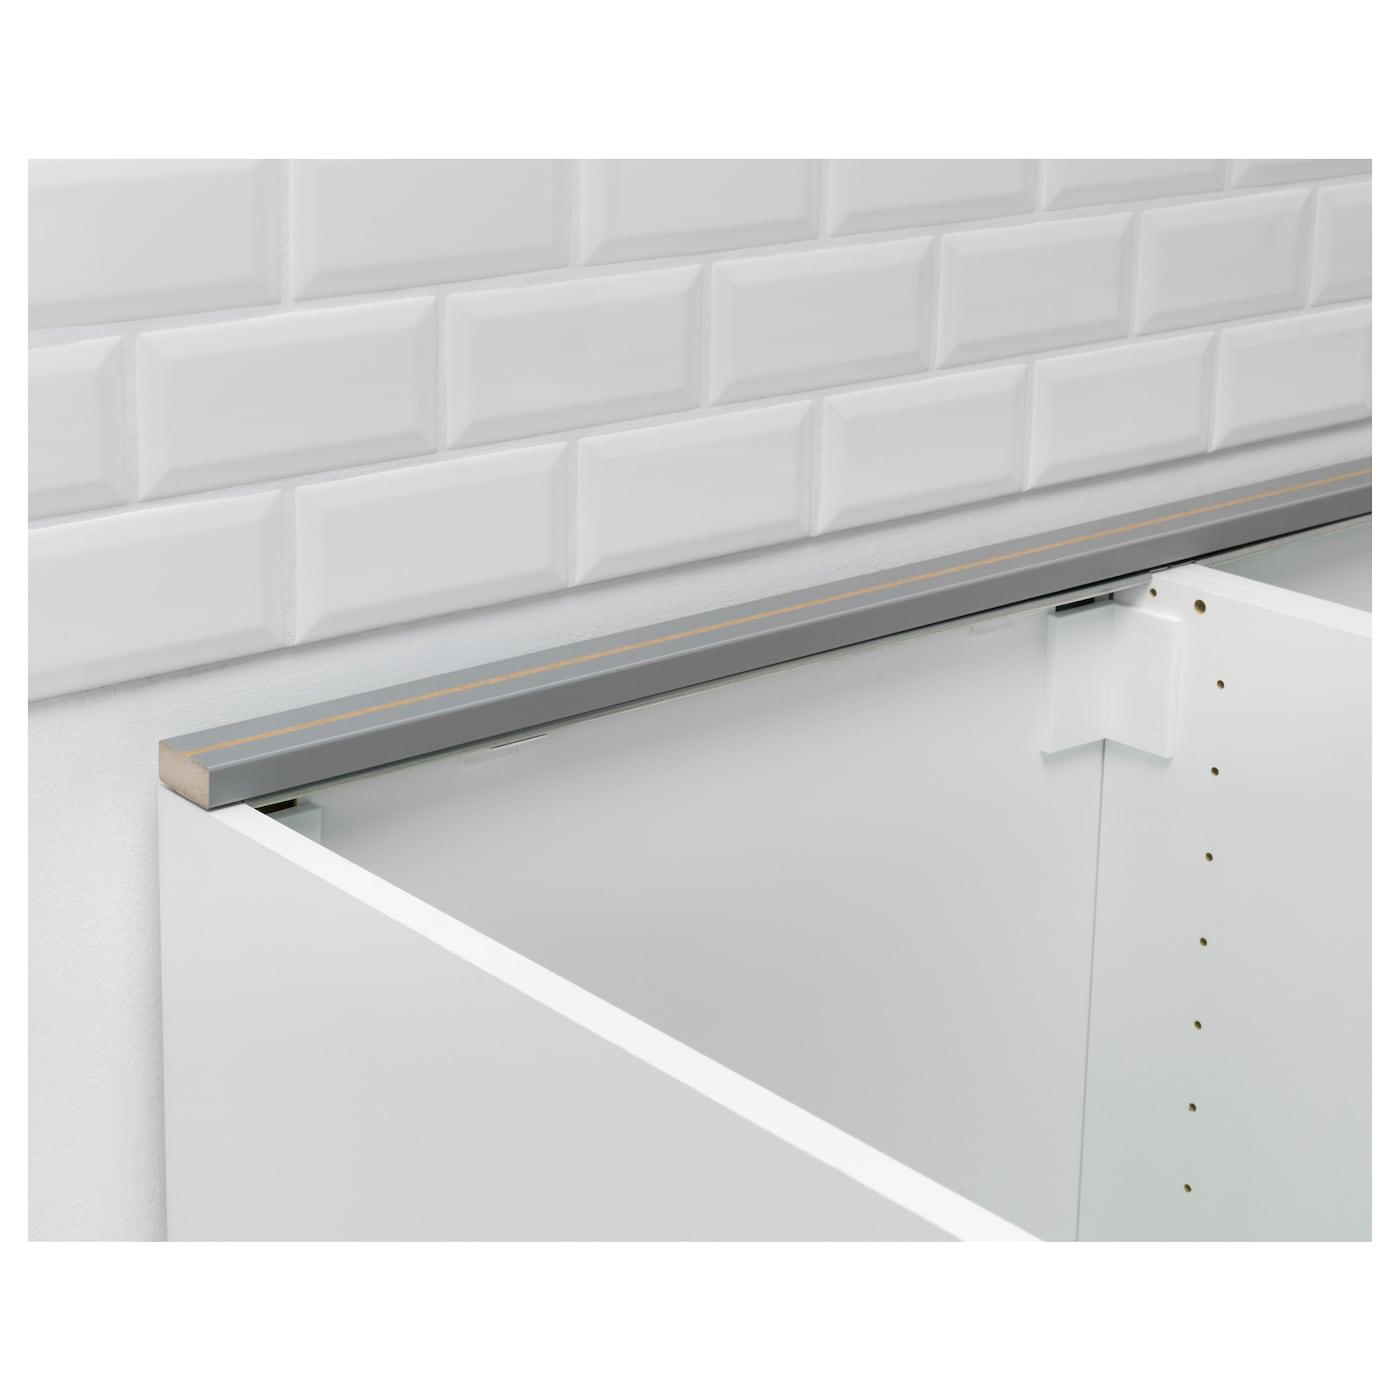 FIXA Rear edge trim for worktop Grey 221 cm - IKEA